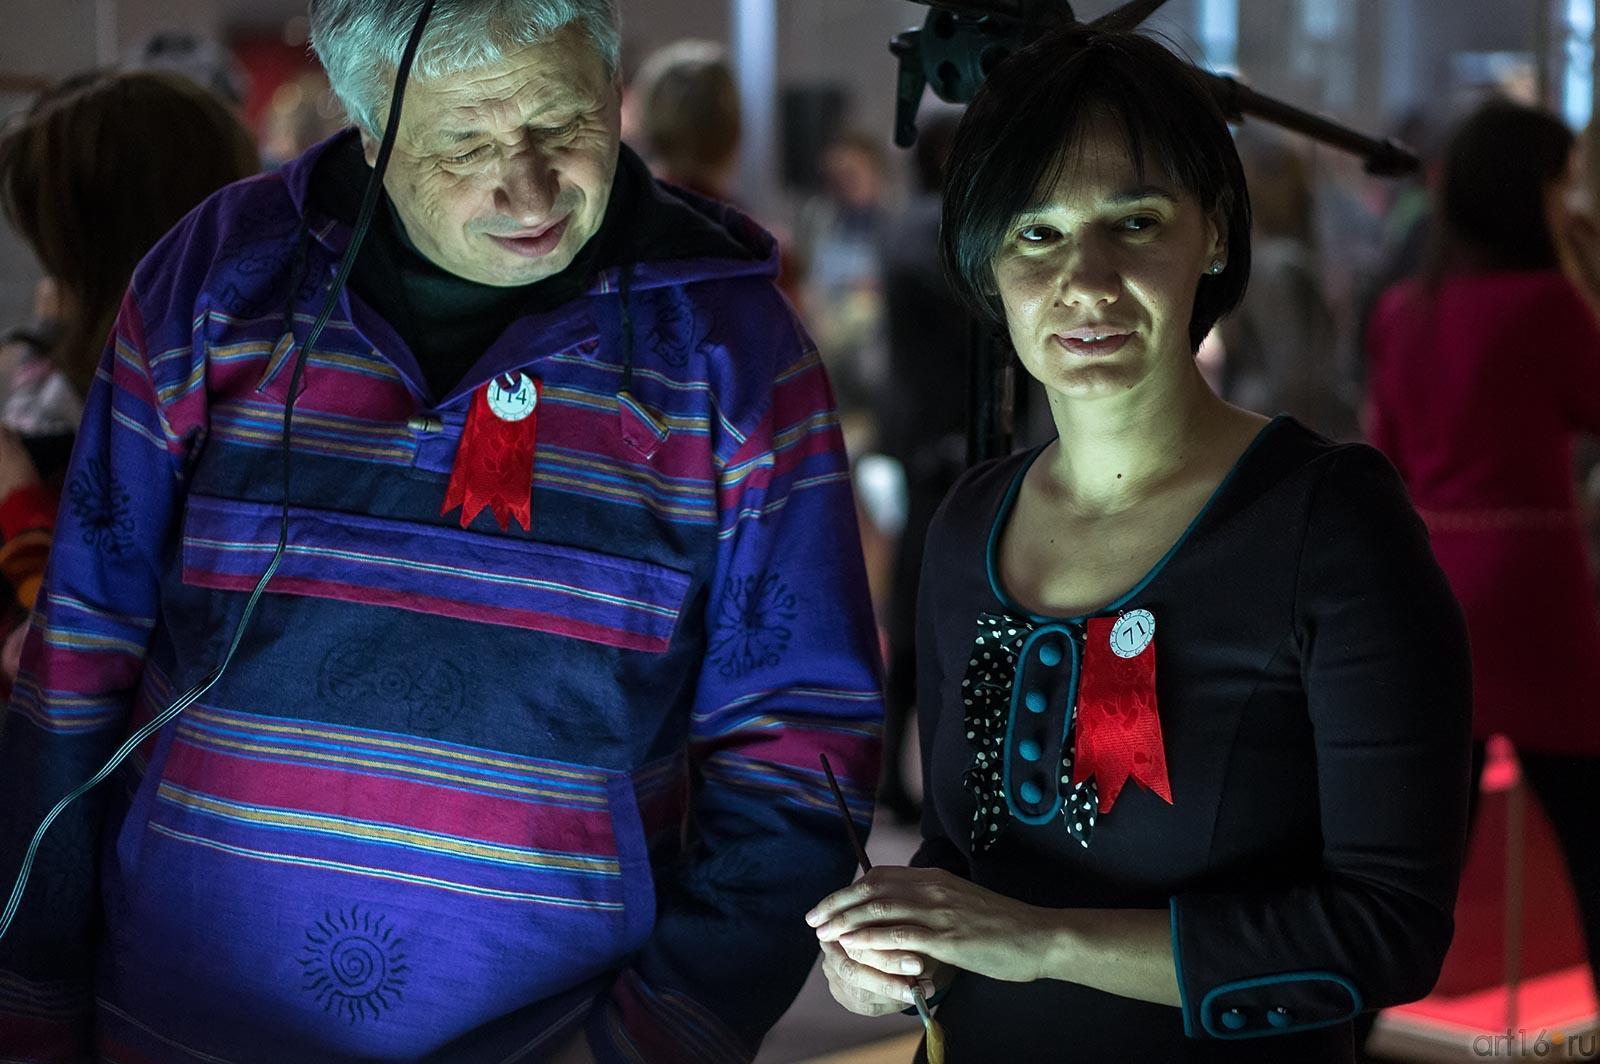 Григорий Эйдинов, Елена Ермолина::Выставка-фестиваль авторской игрушки